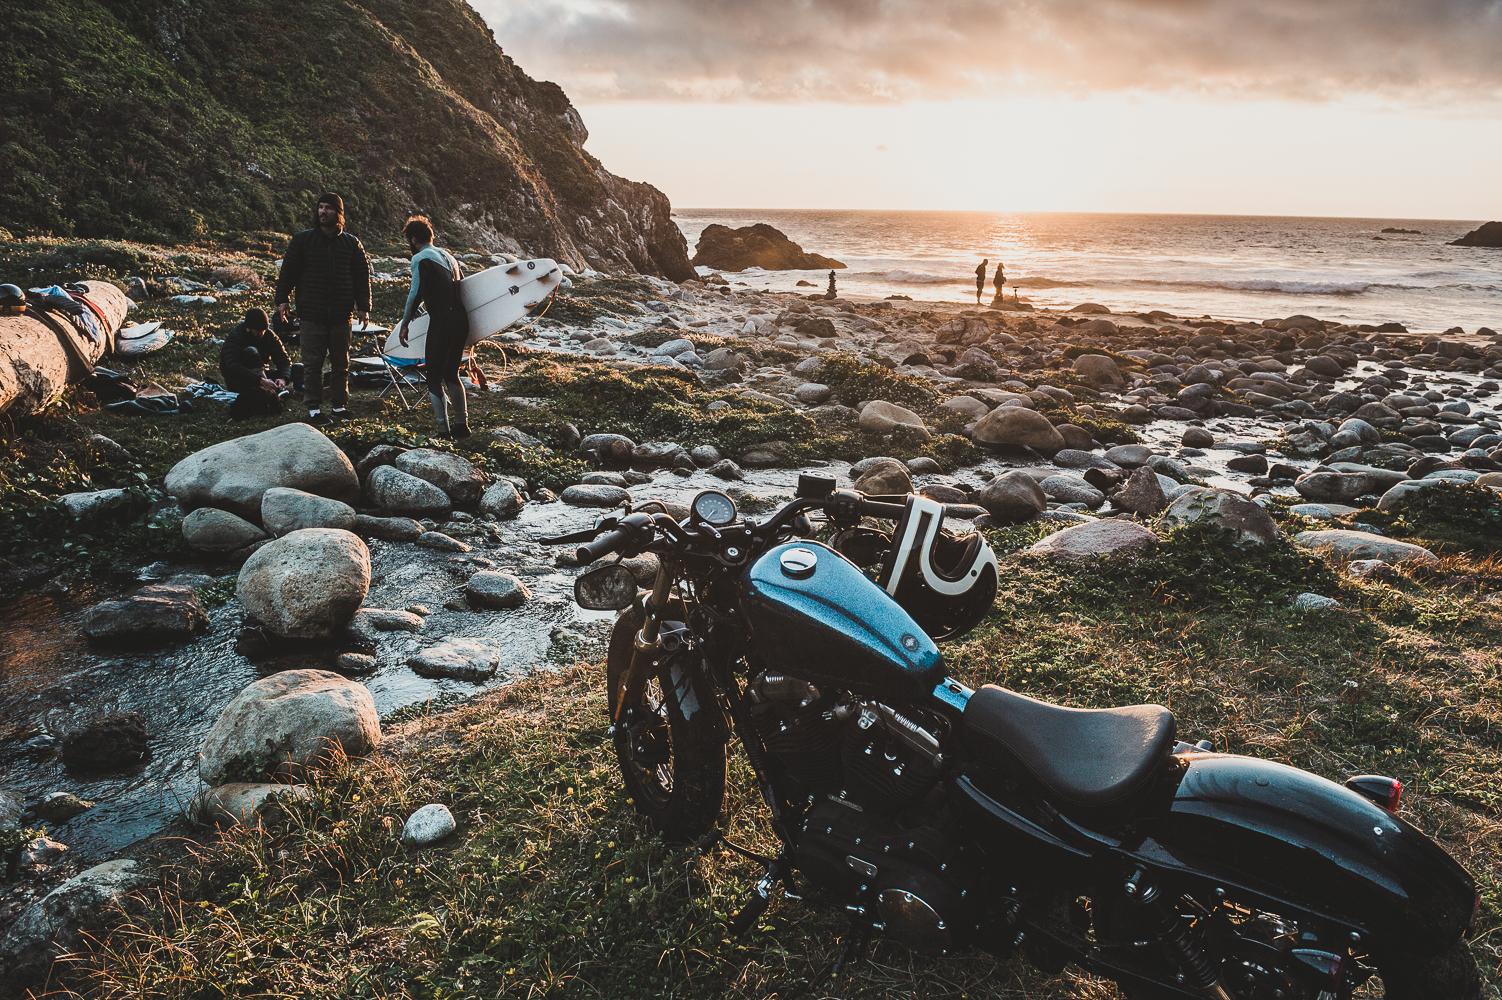 BigSur_Surf_Bike_Harley_SilvanoZeiter